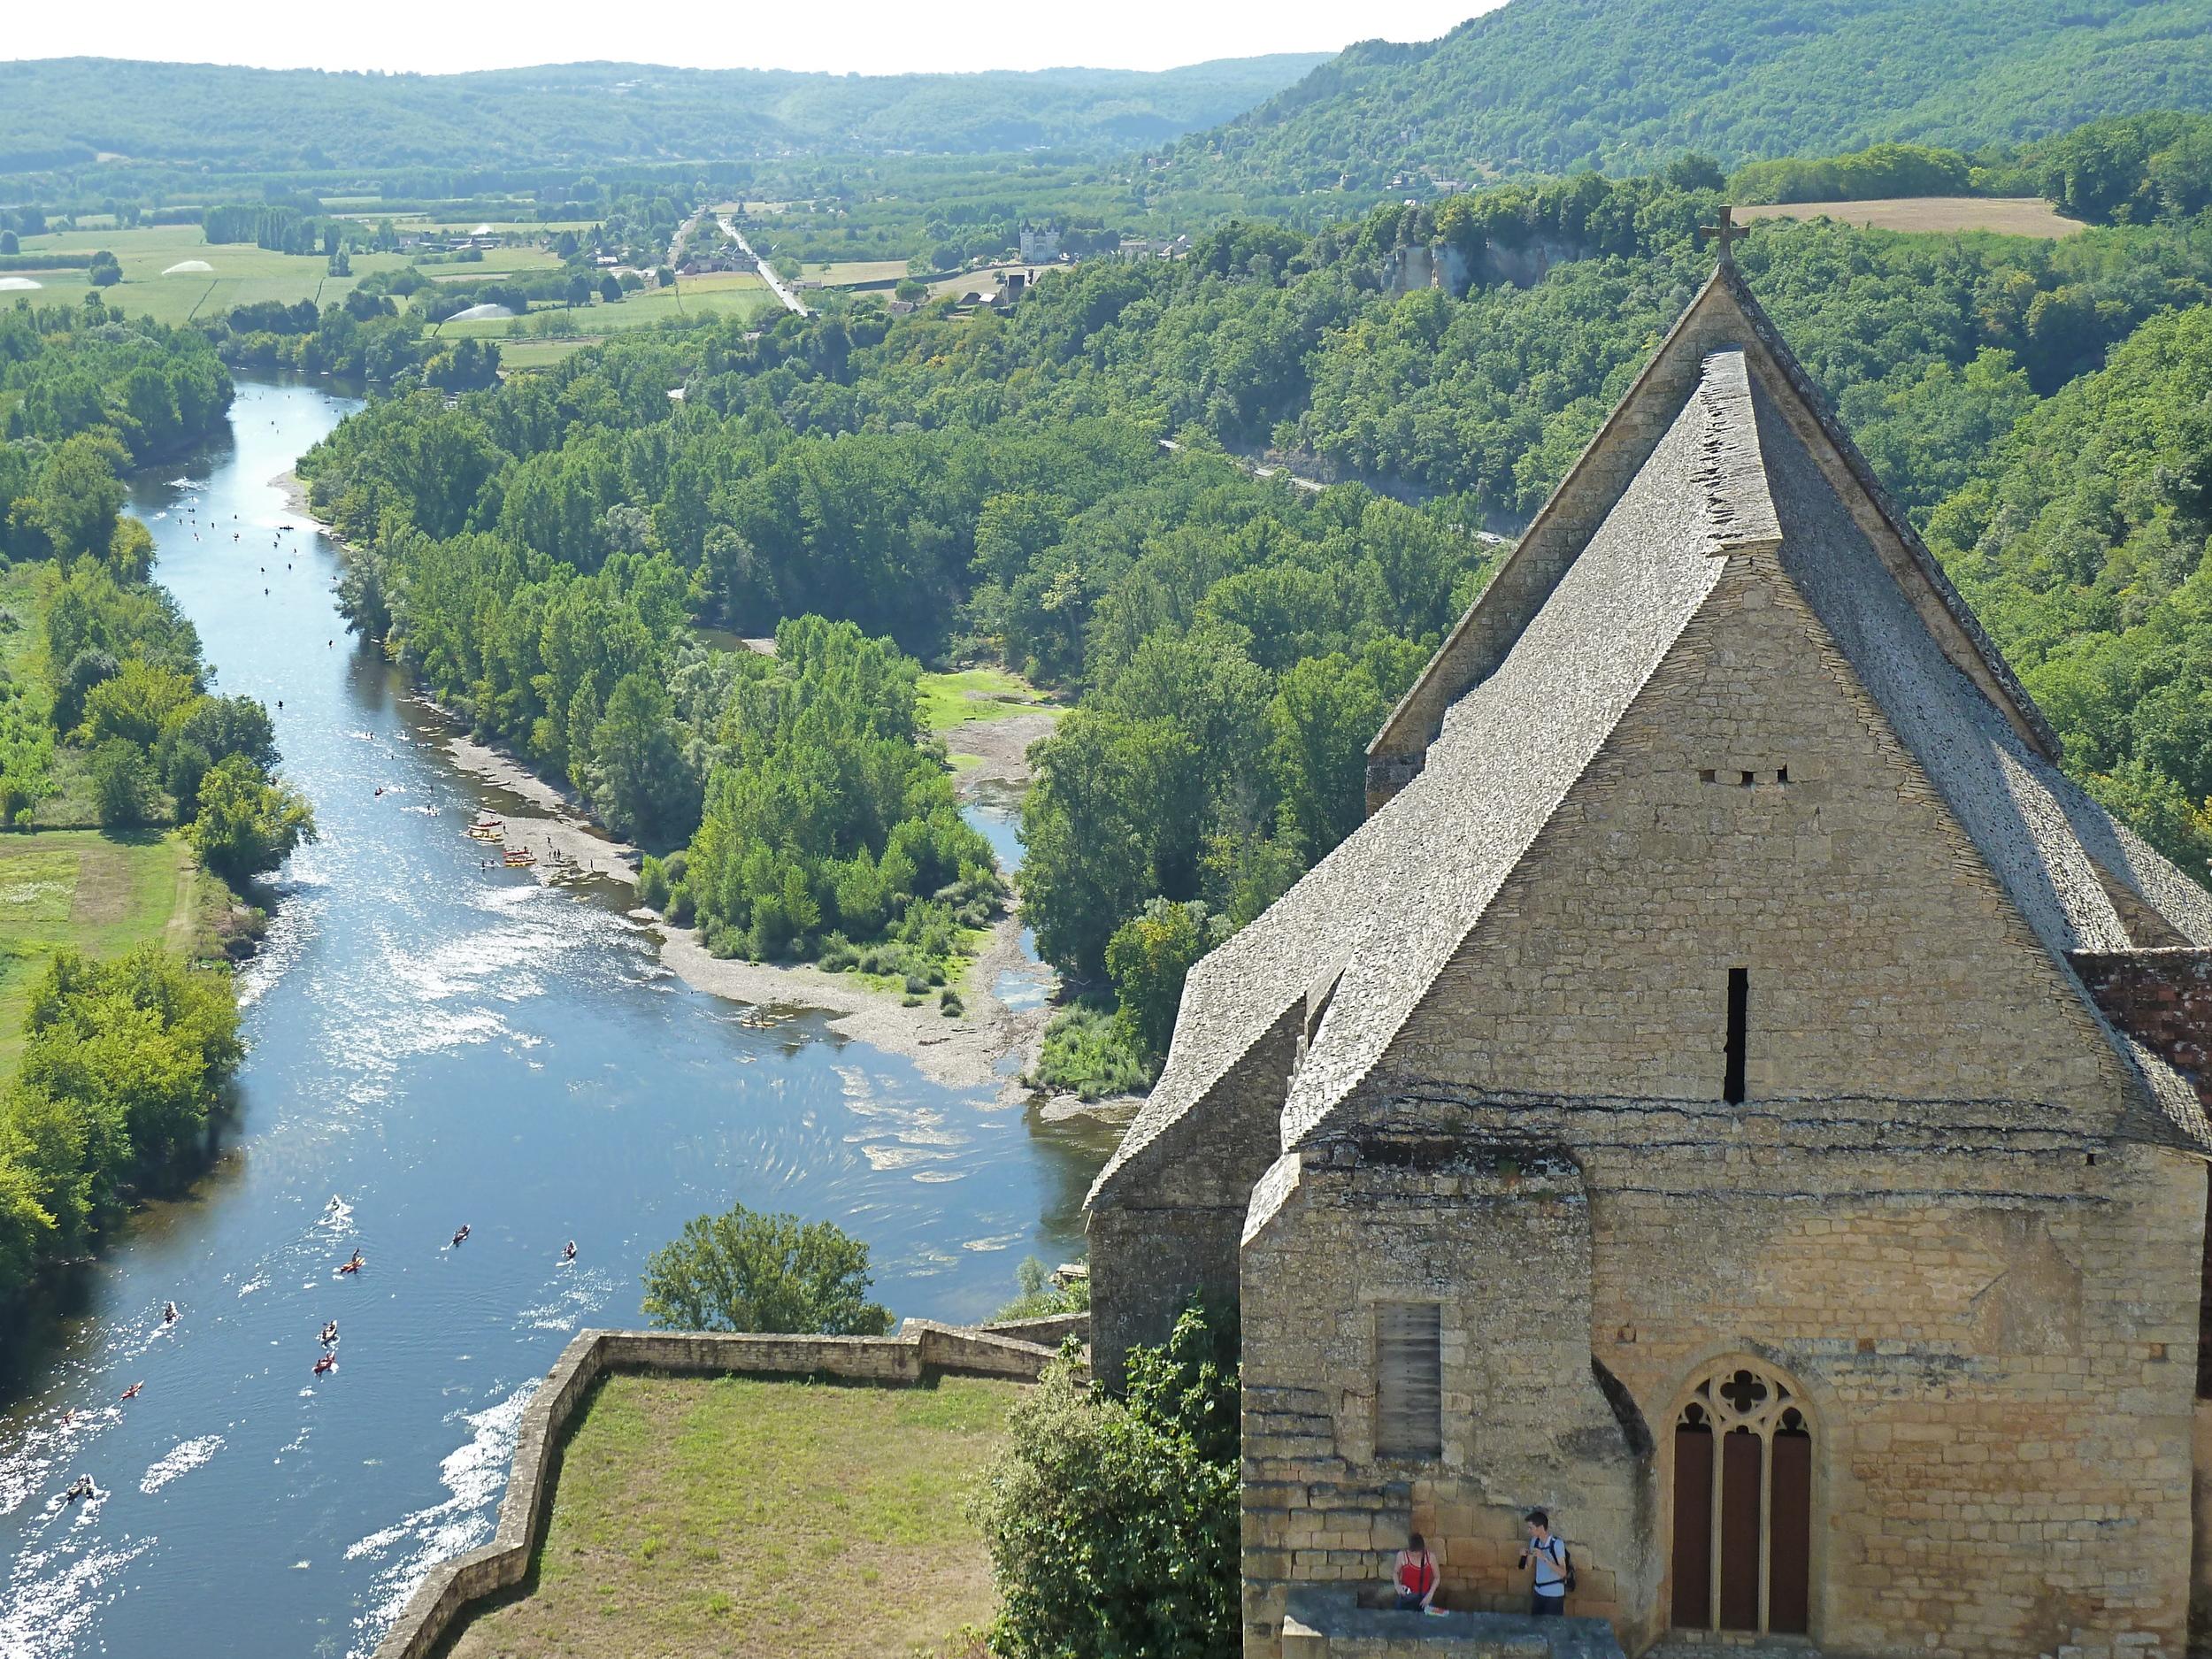 View from Château de Beynac in Beynac-et-Cazenac, France